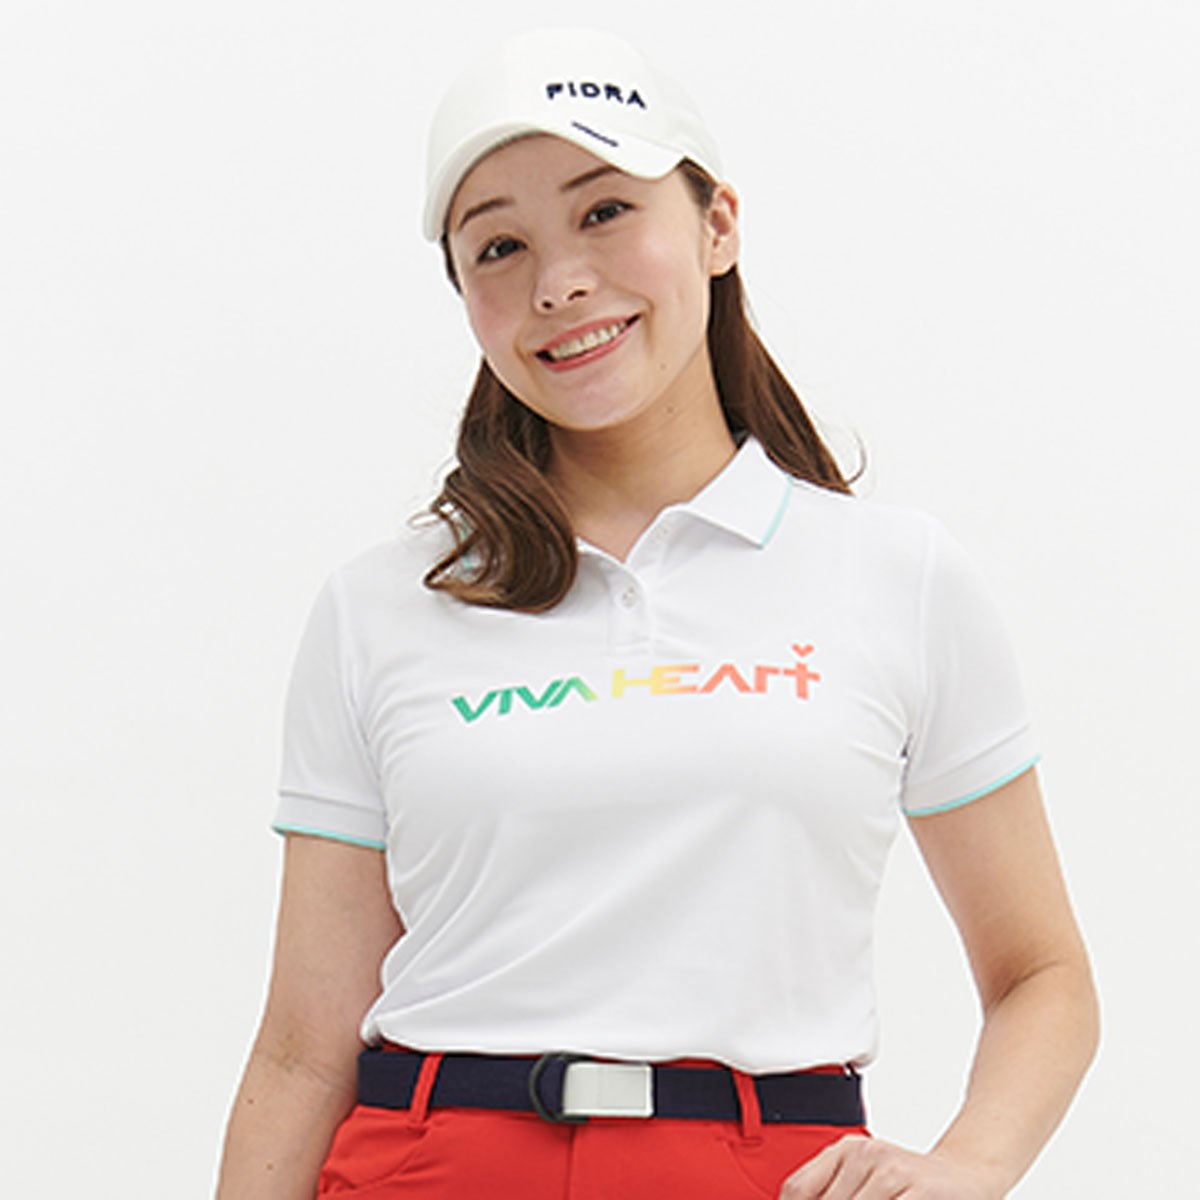 ビバハート VIVA HEART ロゴ鹿の子 半袖ポロシャツ 38(S) オフホワイト 005 レディス